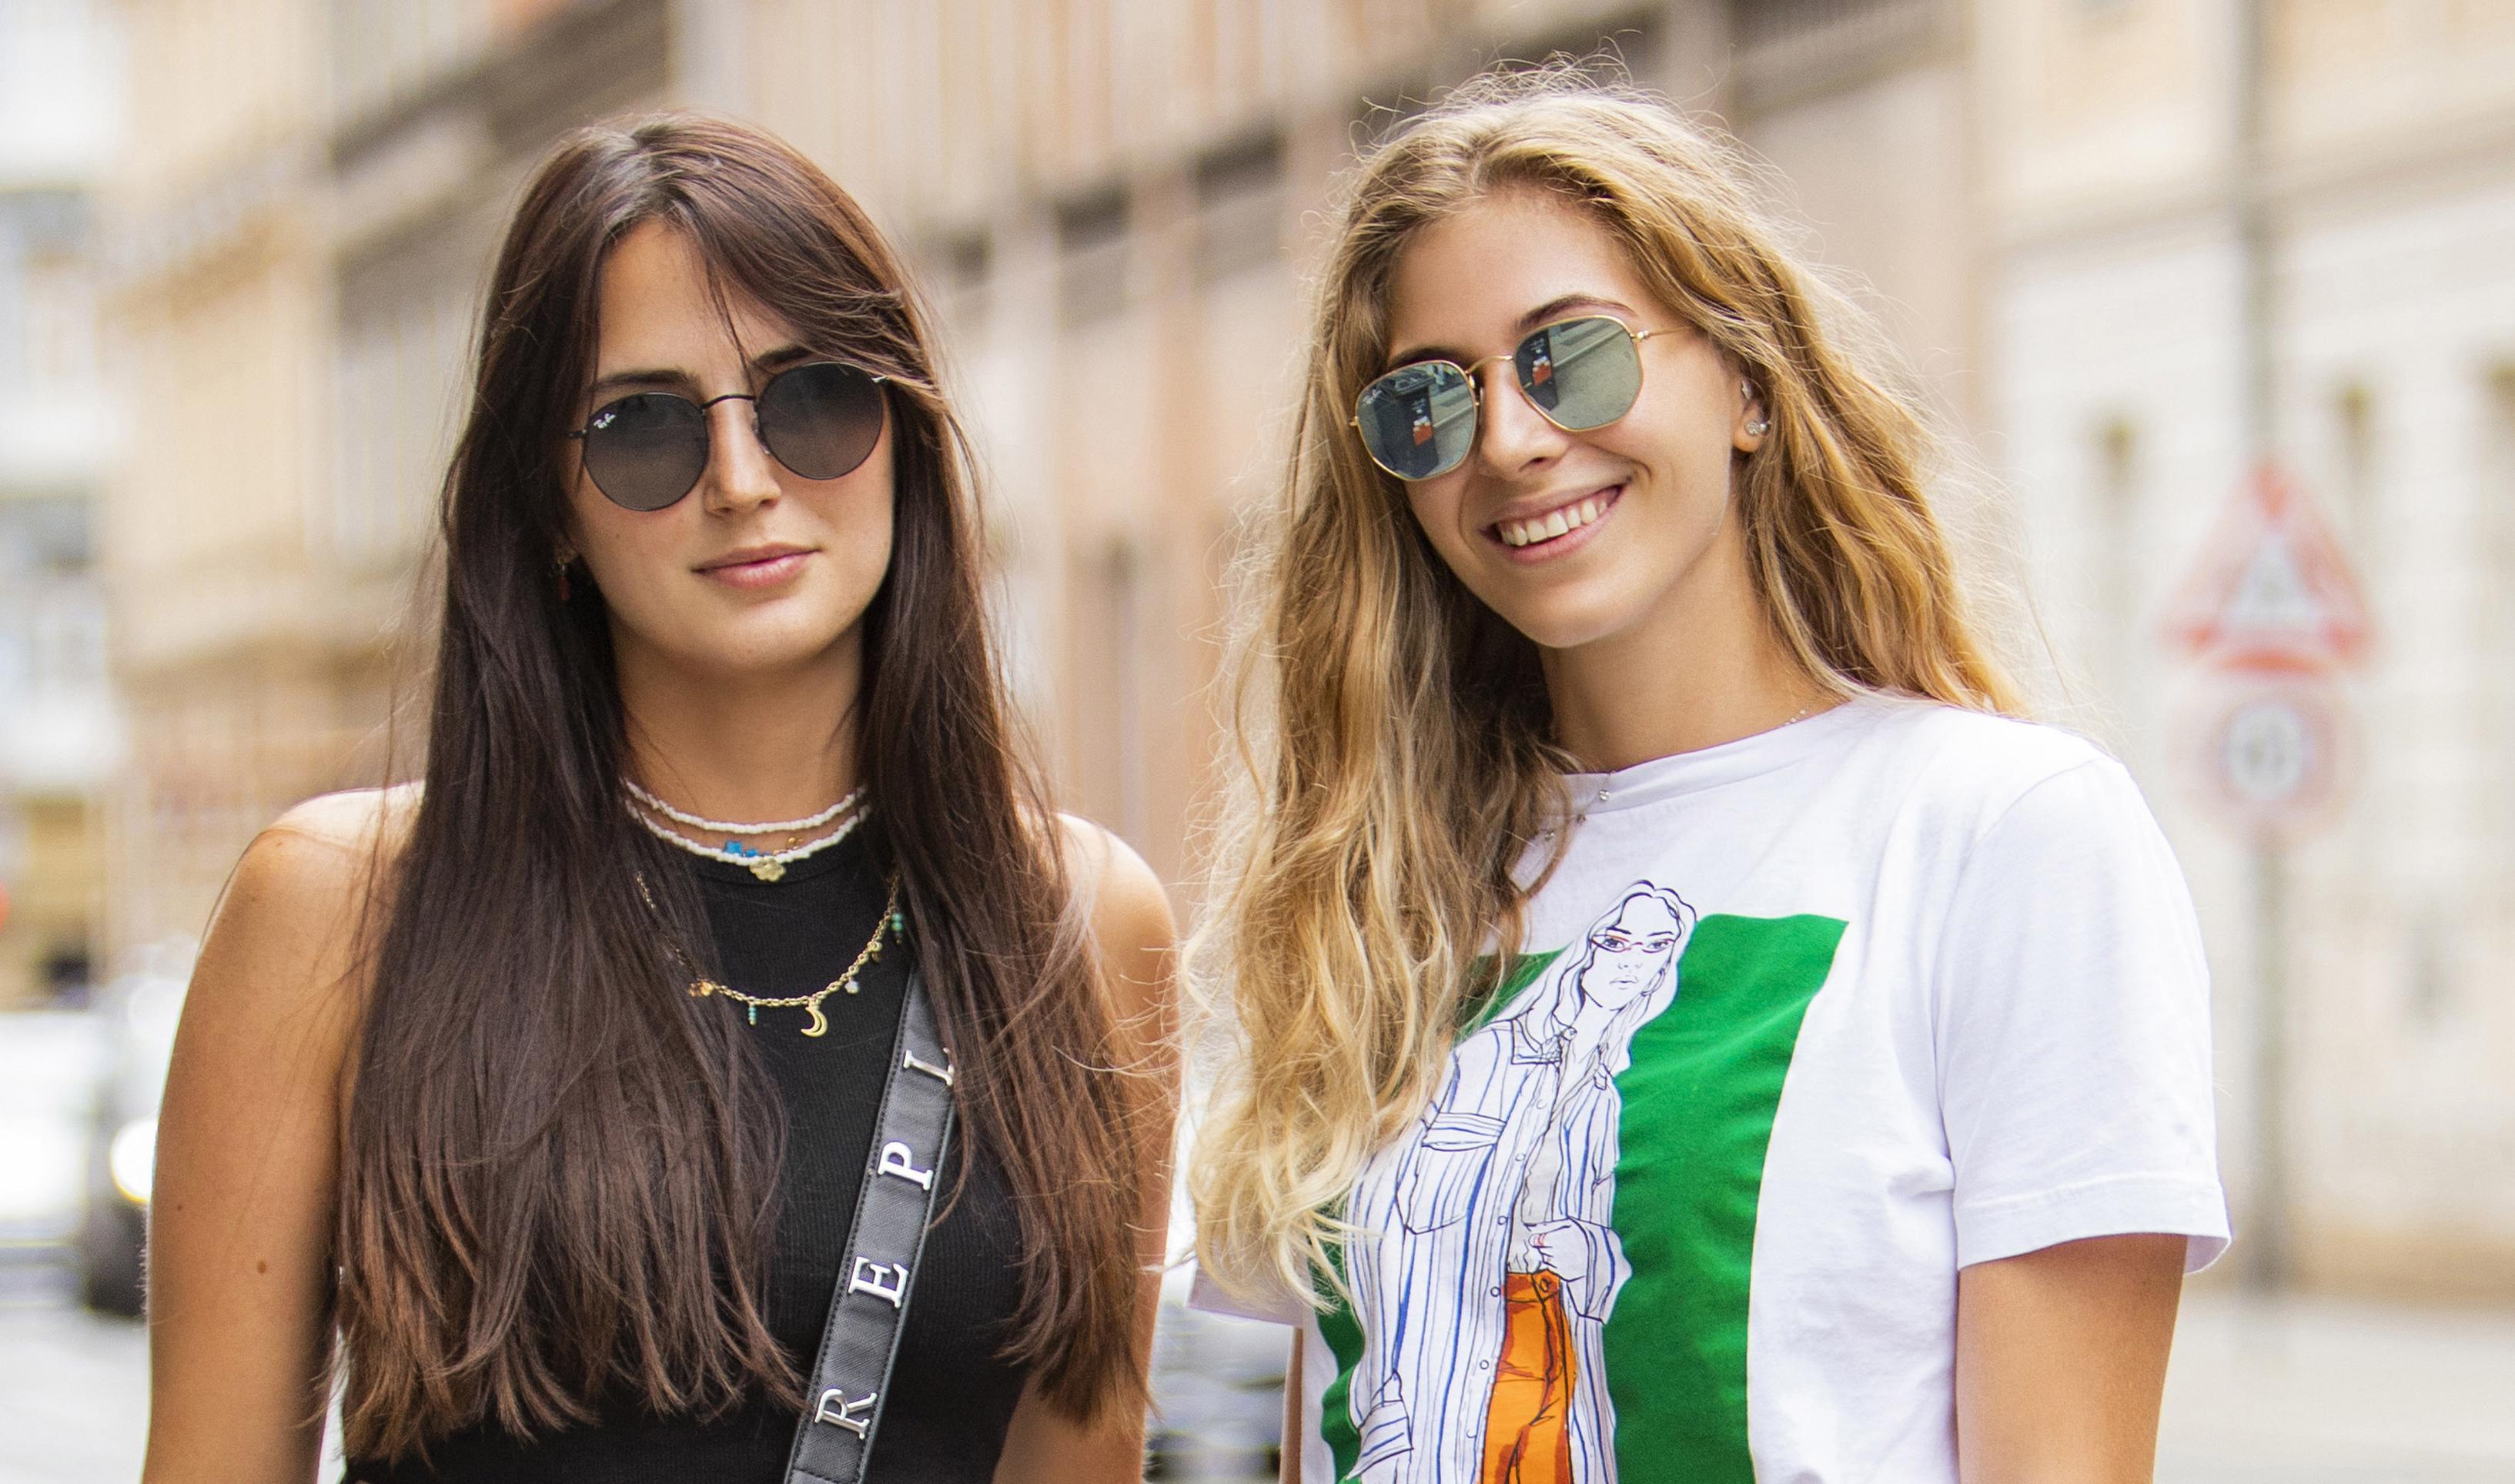 Bez obzira na to volite li traper i crno ili jarke boje, u outfitima zgodnih studentica pronaći ćete modnu inspiraciju